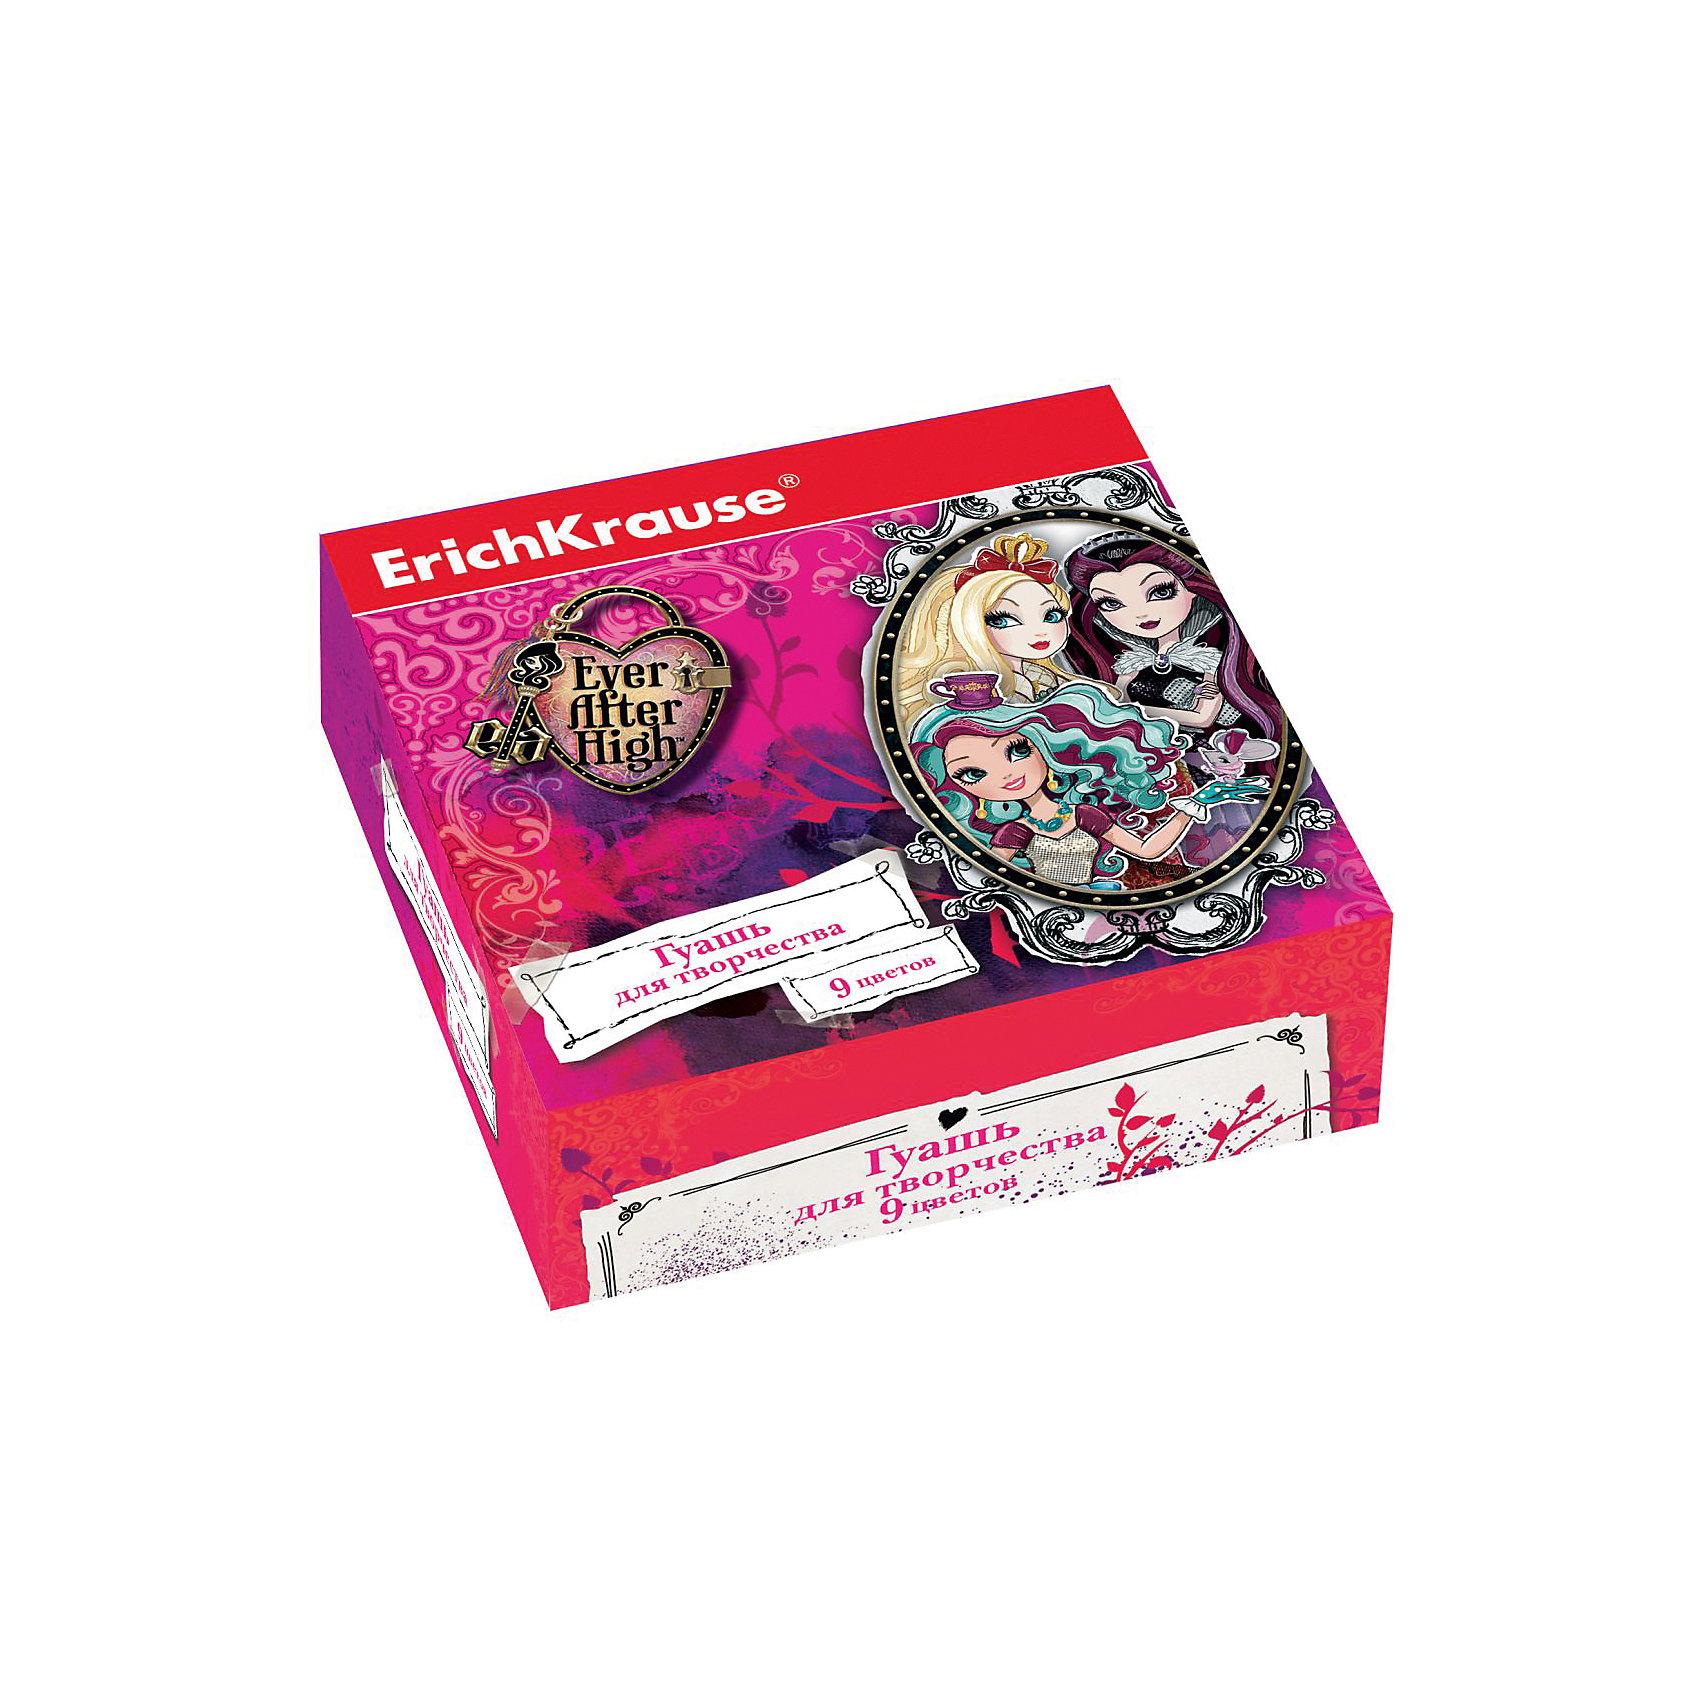 Гуашь Ever After High, 9 цветов по 20млEver After High<br>Характеристики гуаши Ever After High, 9 цветов:<br> <br>• возраст: от 5 лет<br>• пол : для девочек<br>• комплект: 9 баночек по 20 мл.<br>• материал: краски, пластик.<br>• размер упаковки: 15.5х11.5х4 см.<br>• упаковка: картонная коробка.<br>• вес: 0.4 кг.<br>• бренд: centrum<br>• страна обладатель бренда: Россия.<br><br>Гуашь Ever After High подходит для рисования и оформительских работ. В комплекте 9 насыщенных стойких цветов, краски пригодятся для росписи по дереву, камню, стеклу и другим поверхностям. Плотные черная и белая краски дают возможность рисовать на цветной бумаге. Стойкая гуашь легко отмывается и отстирывается, а красивый дизайн коробочки станет настоящим вдохновением для юной художницы.<br><br>Гуашь Ever After High 9 цветов торговой марки Erich Krause можно купить в нашем интернет-магазине.<br><br>Ширина мм: 119<br>Глубина мм: 116<br>Высота мм: 40<br>Вес г: 254<br>Возраст от месяцев: 60<br>Возраст до месяцев: 216<br>Пол: Женский<br>Возраст: Детский<br>SKU: 5409217